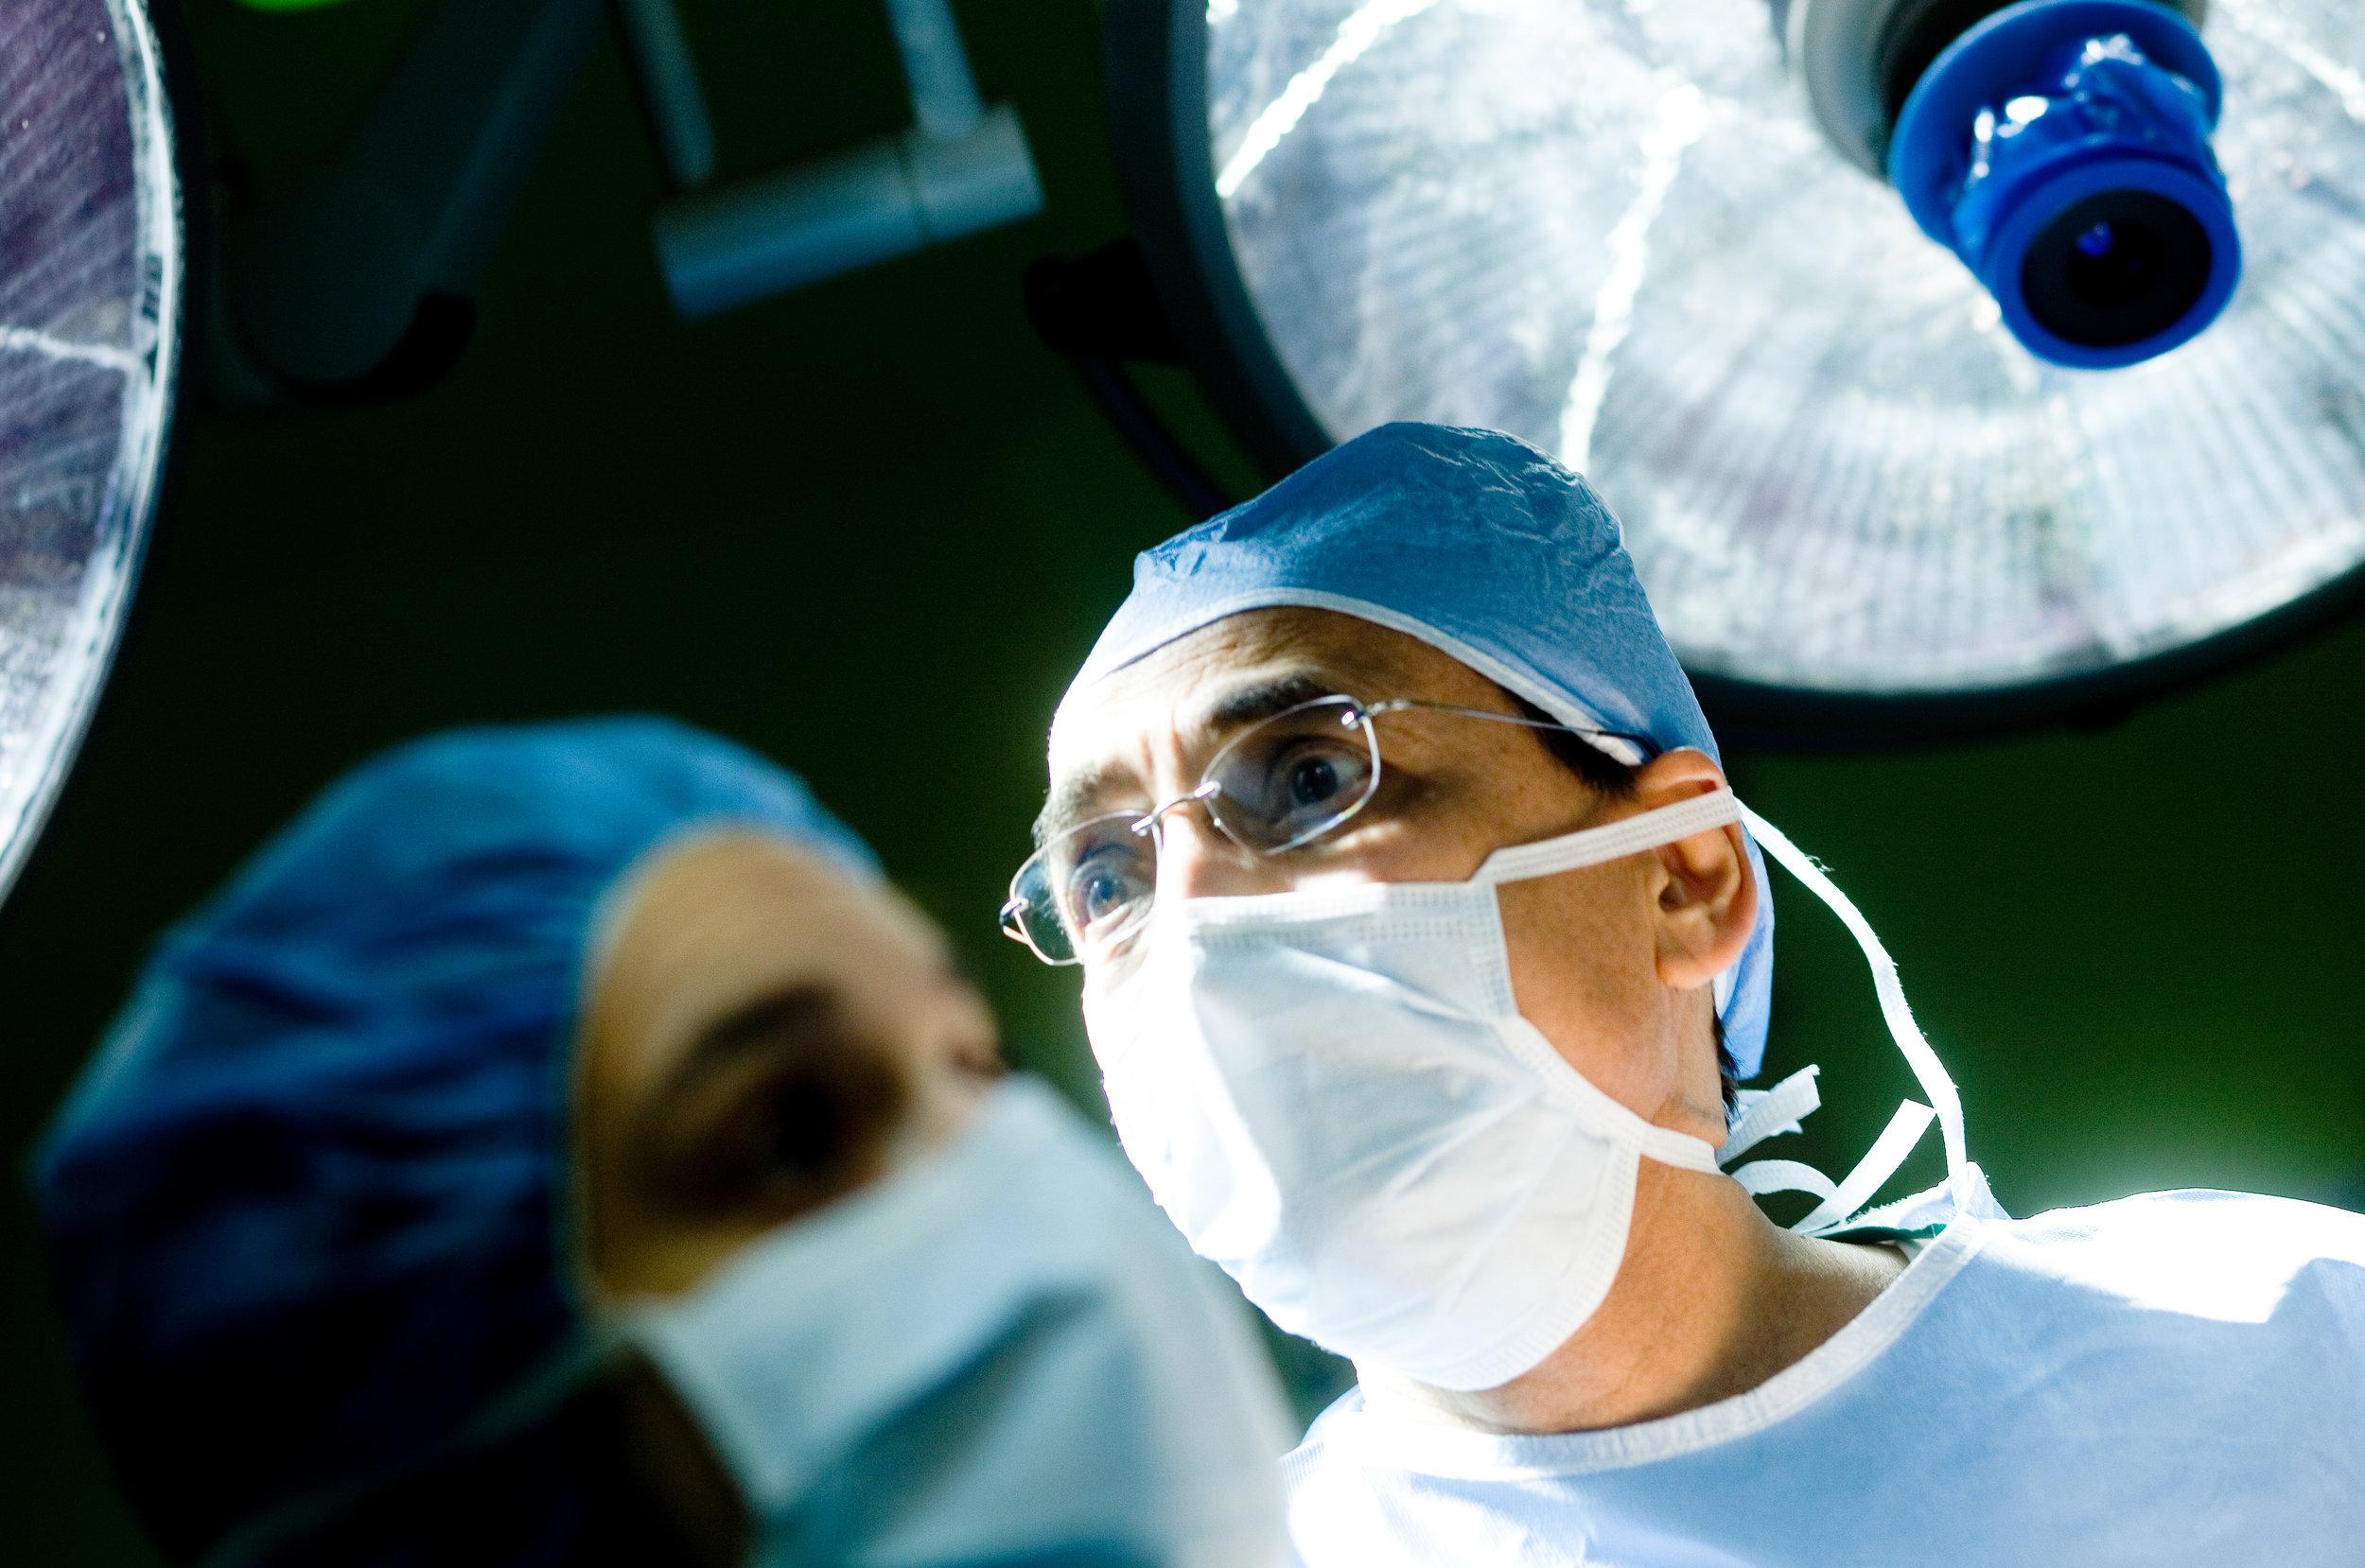 Mario Morgado-Healthcare1.jpg